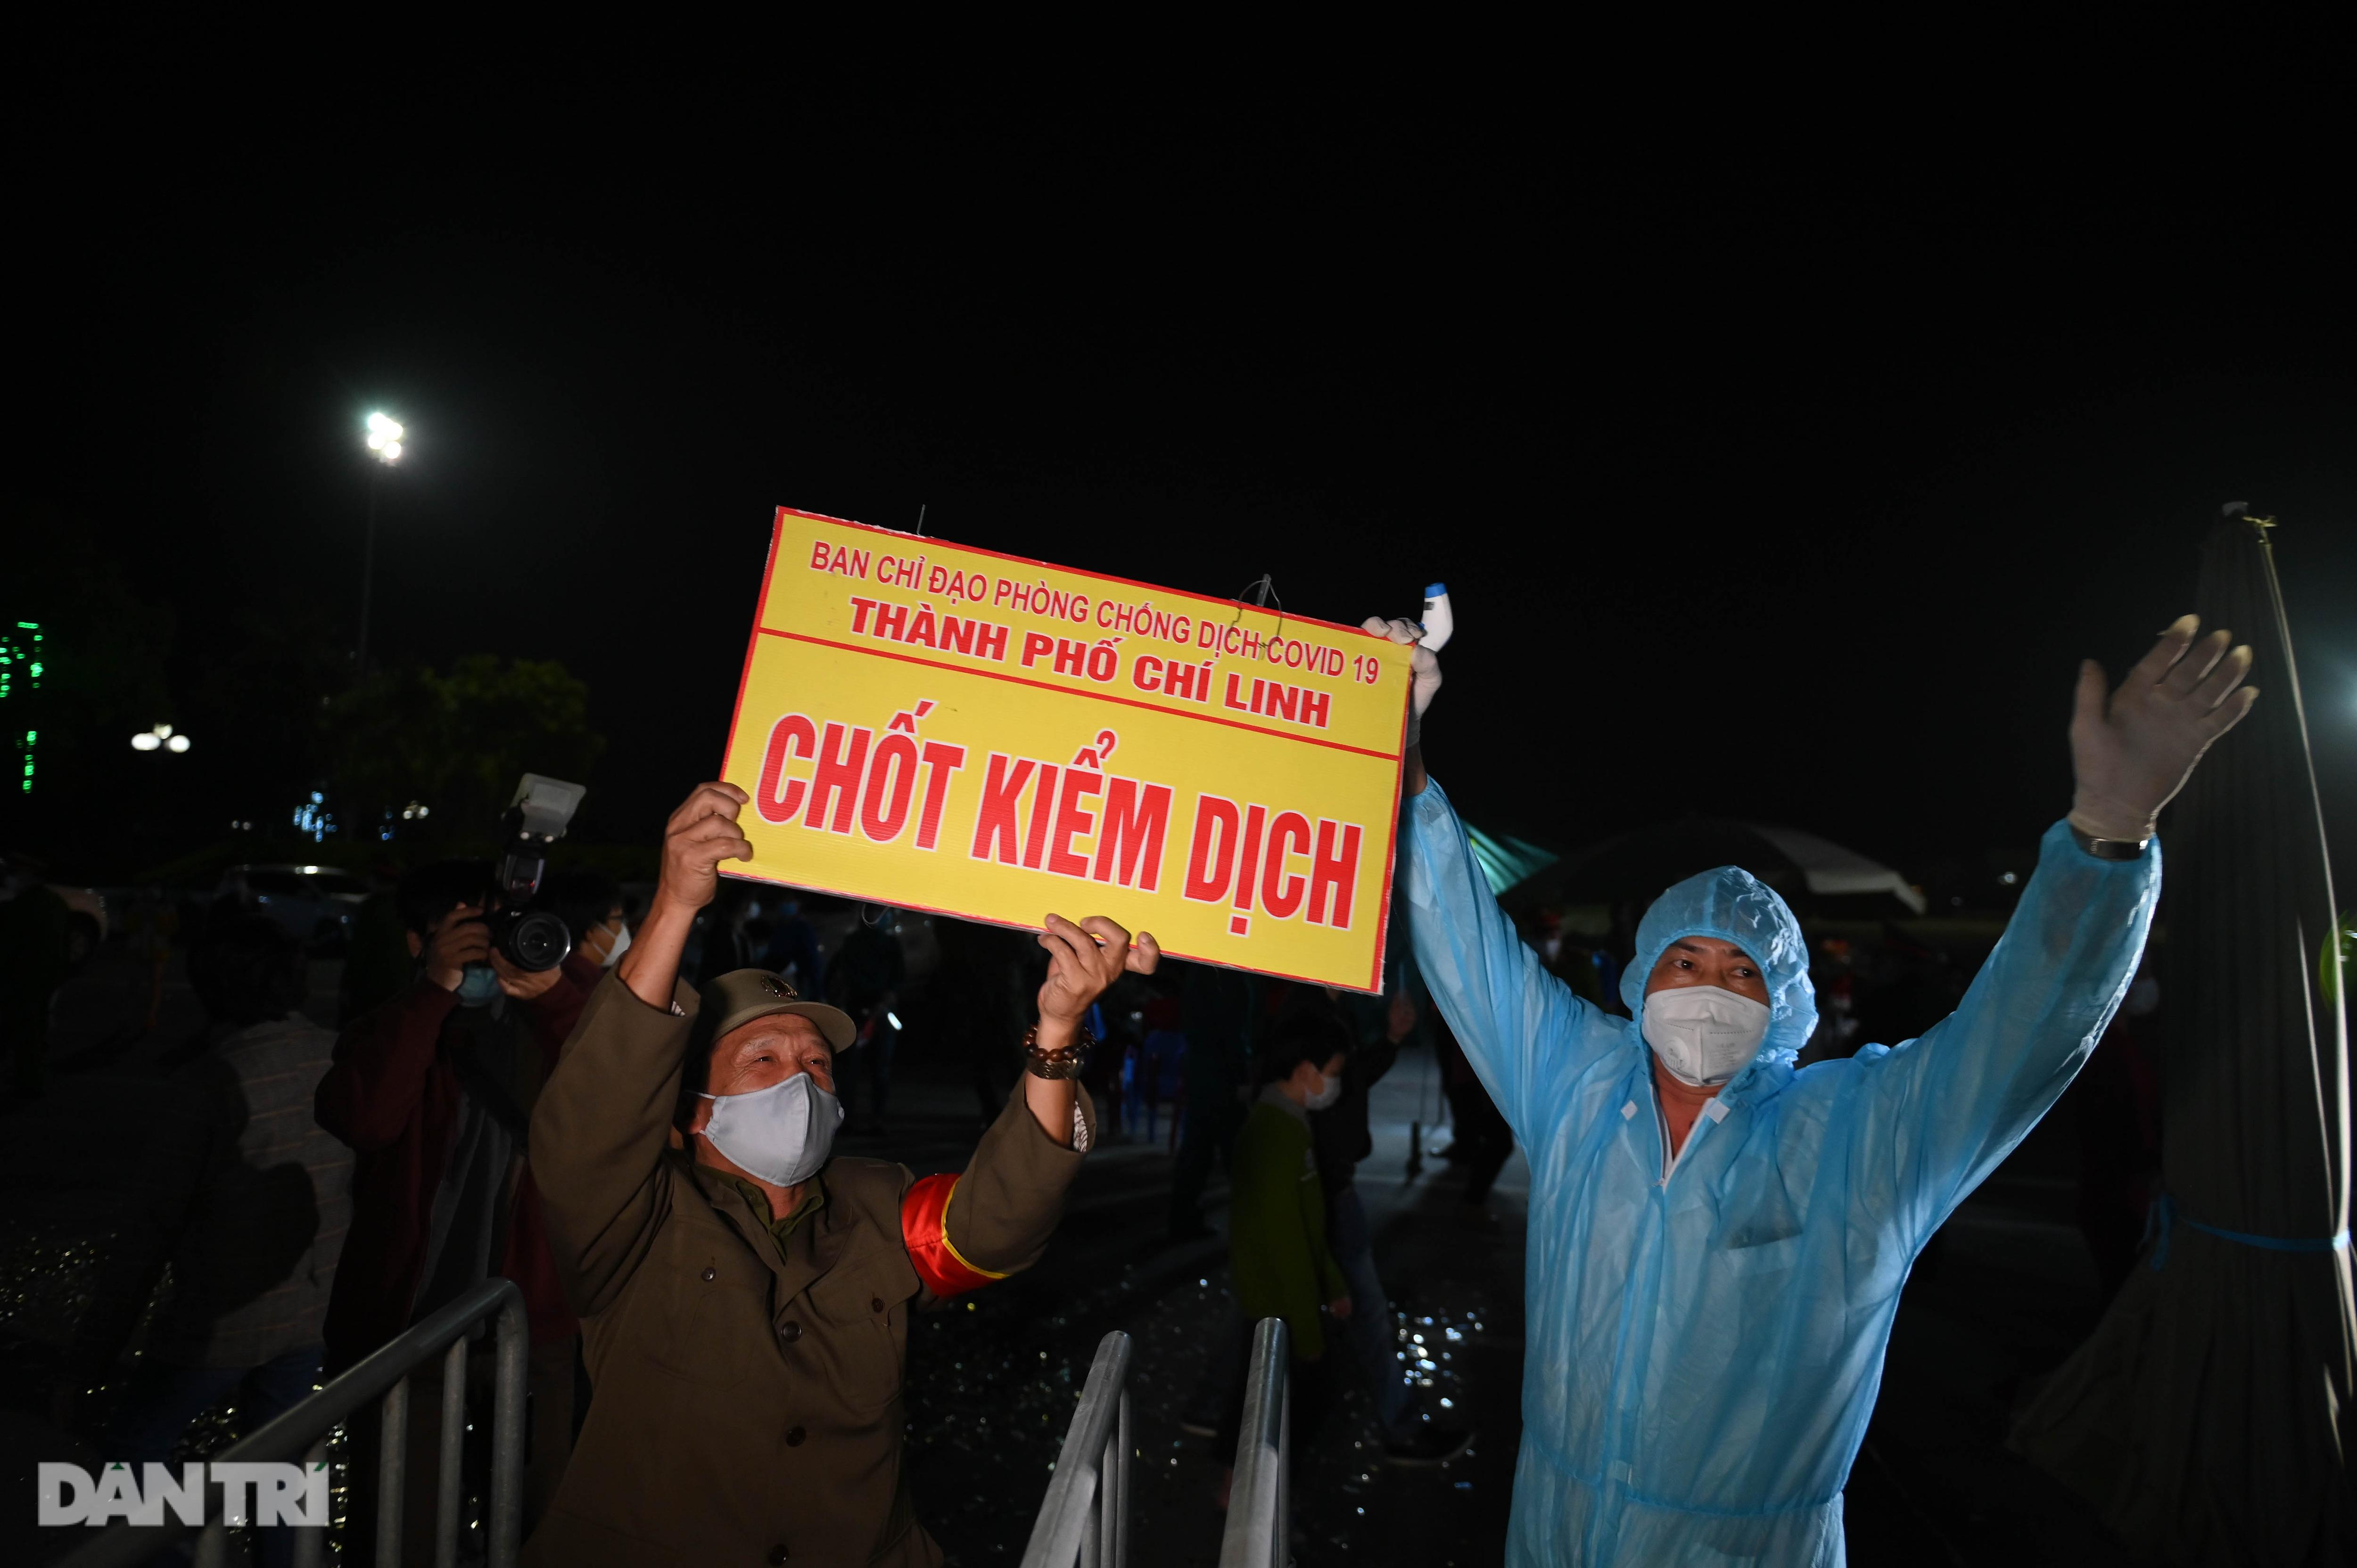 Pháo hoa rực rỡ, người dân vỡ òa cảm xúc khi TP Chí Linh được gỡ phong tỏa - Ảnh 9.